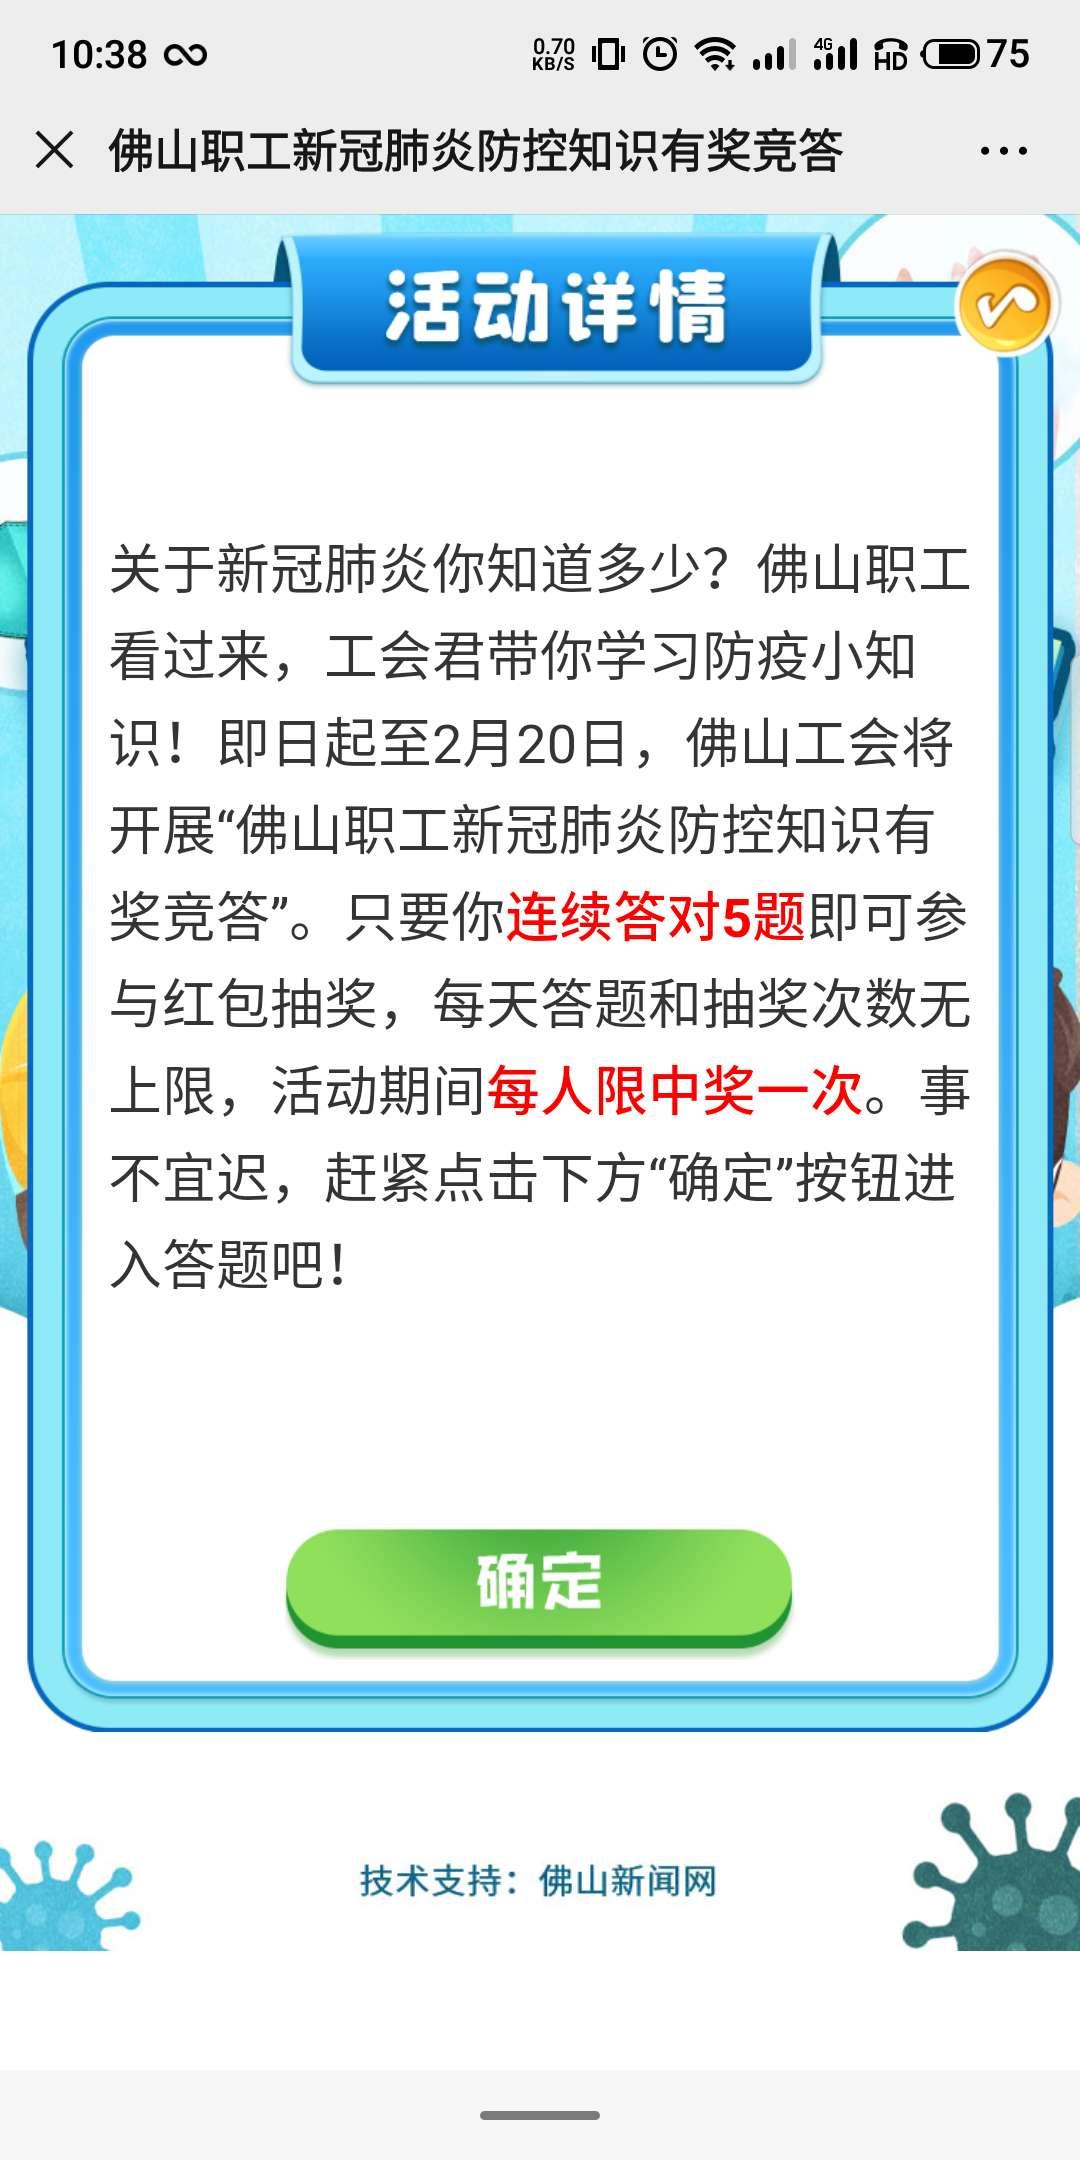 线报-「现金红包」佛山职工新冠肺炎防控知识有奖竞答-惠小助(52huixz.com)